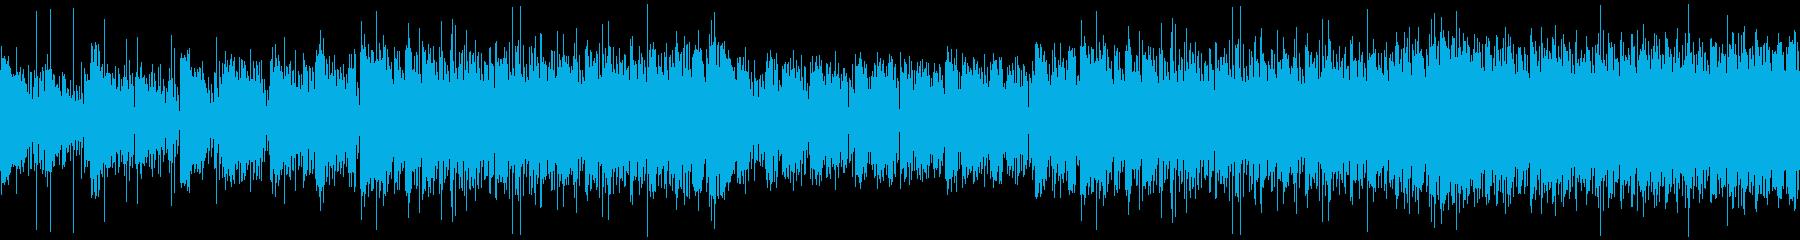 哀愁感・ドキュメンタリー映像・ジプシーの再生済みの波形